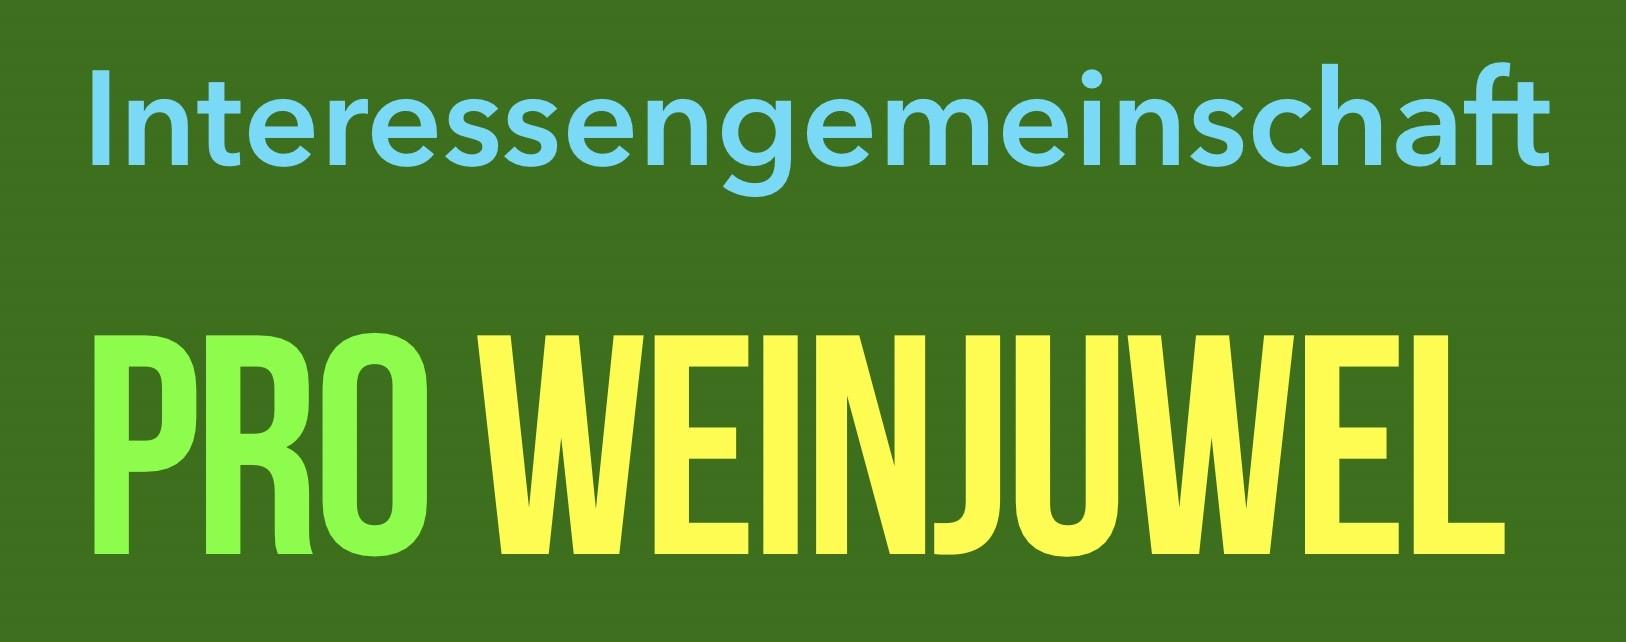 Pro Weinjuwel